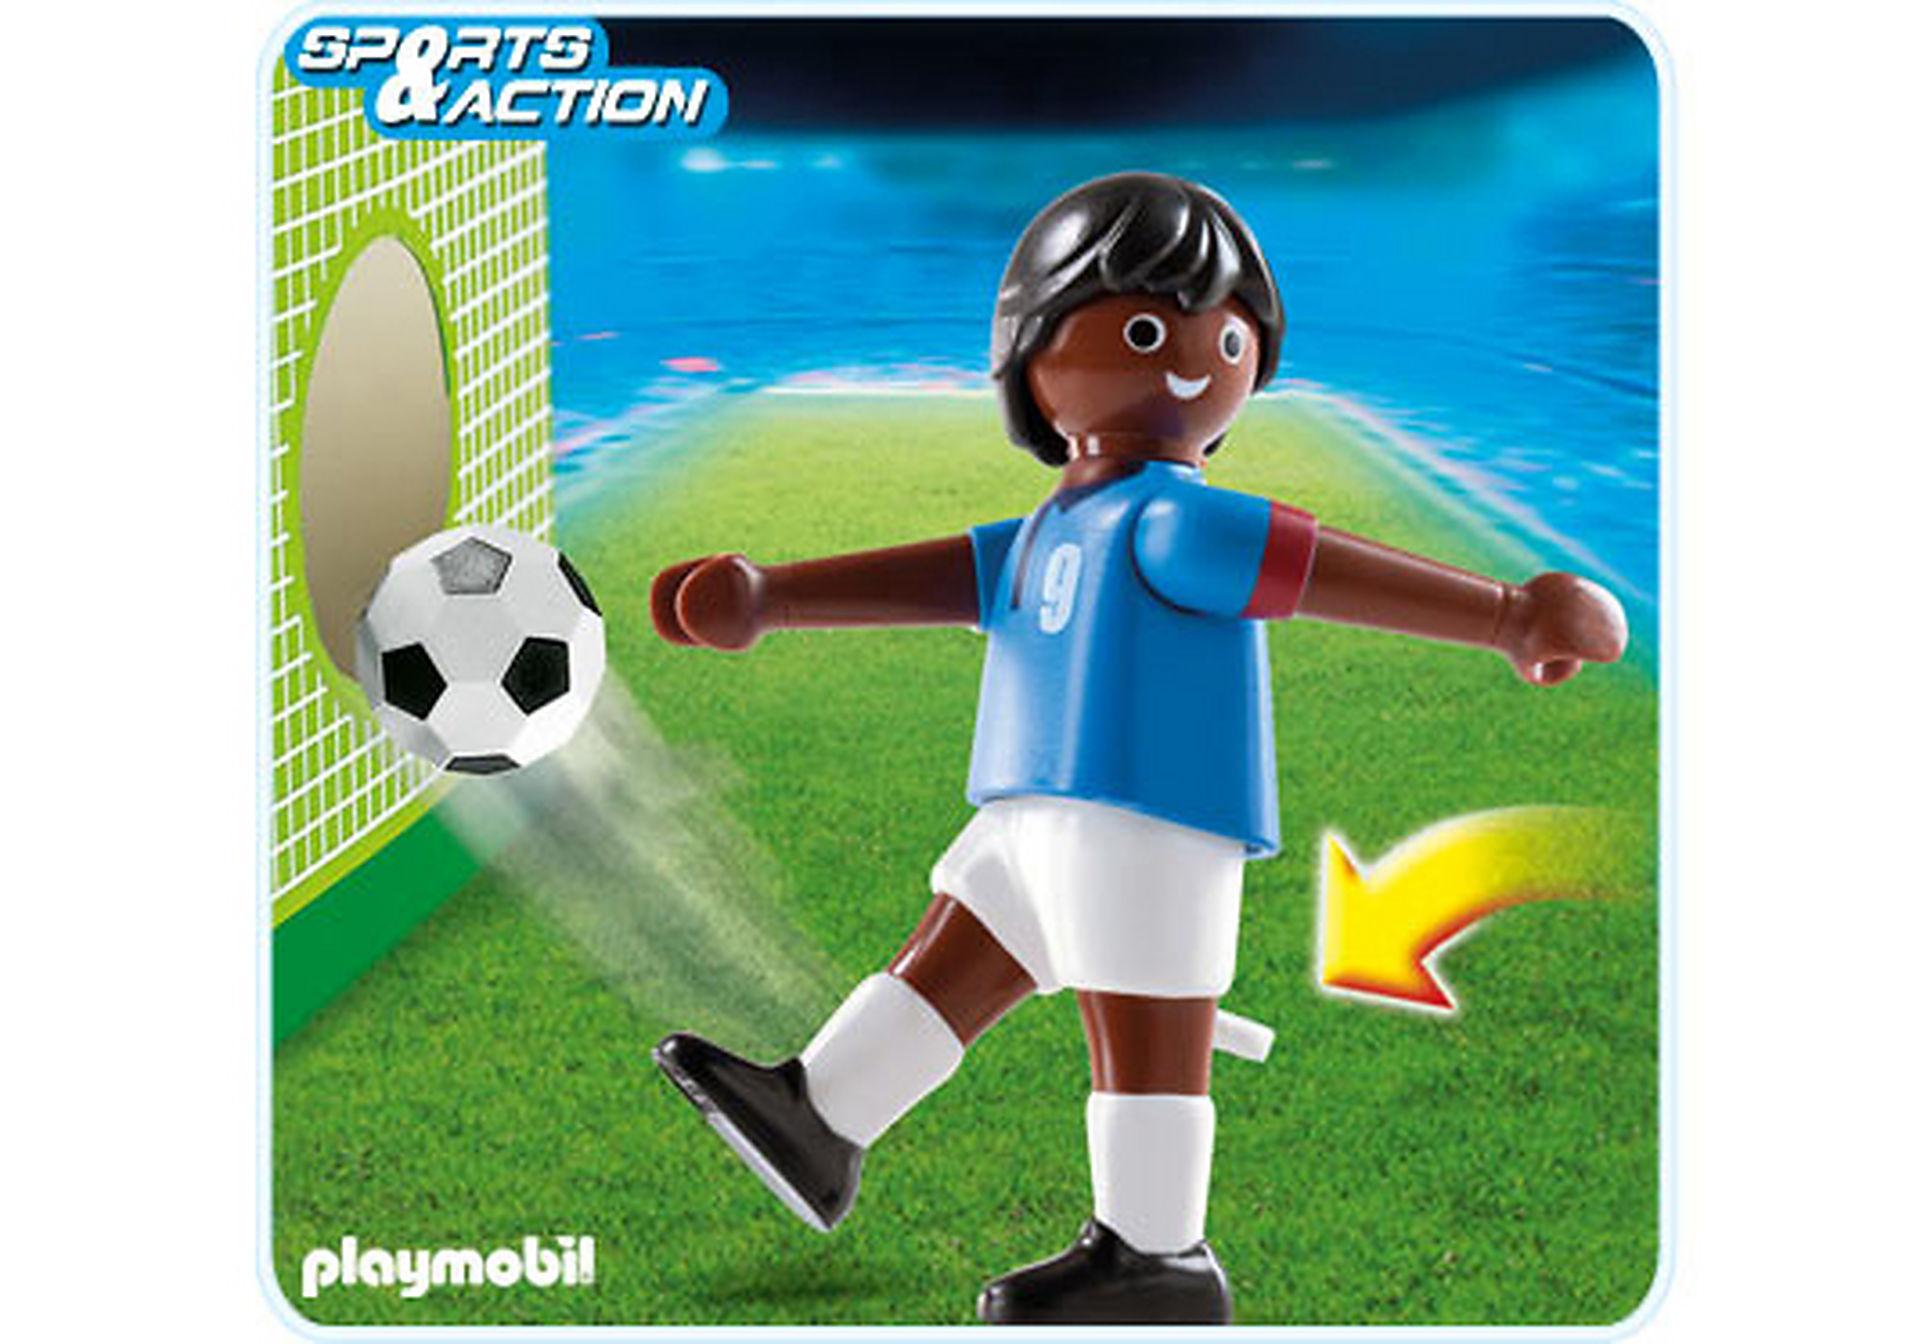 http://media.playmobil.com/i/playmobil/4737-A_product_detail/Fußballspieler Frankreich dunkelhäutig